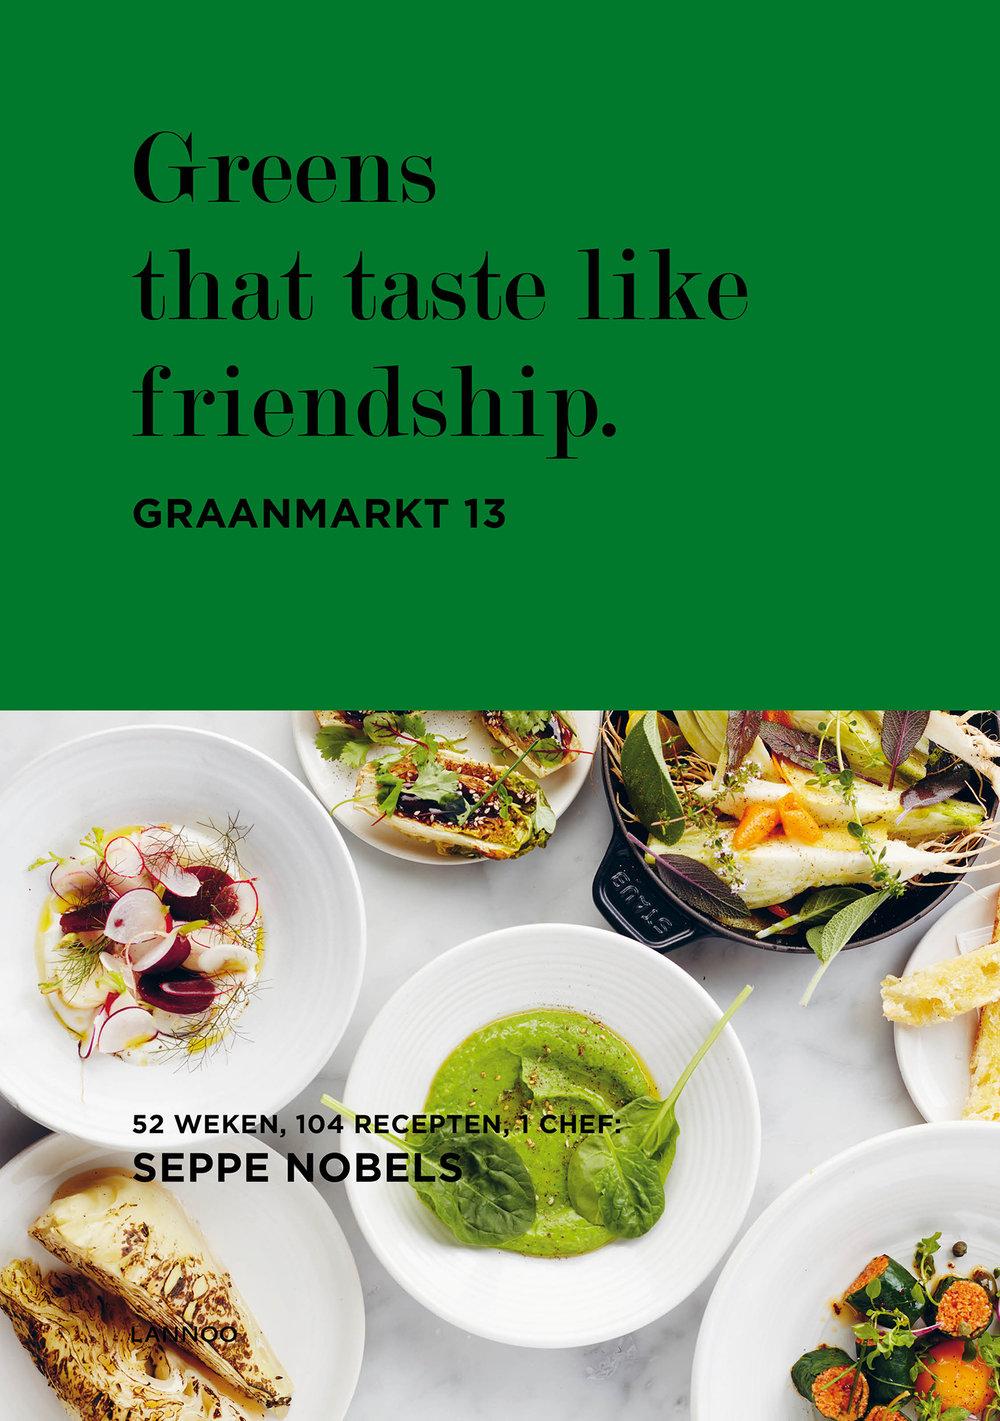 Seppe-Nobels-graanmarkt13-Greens-that-taste-like-friendship-3.jpg